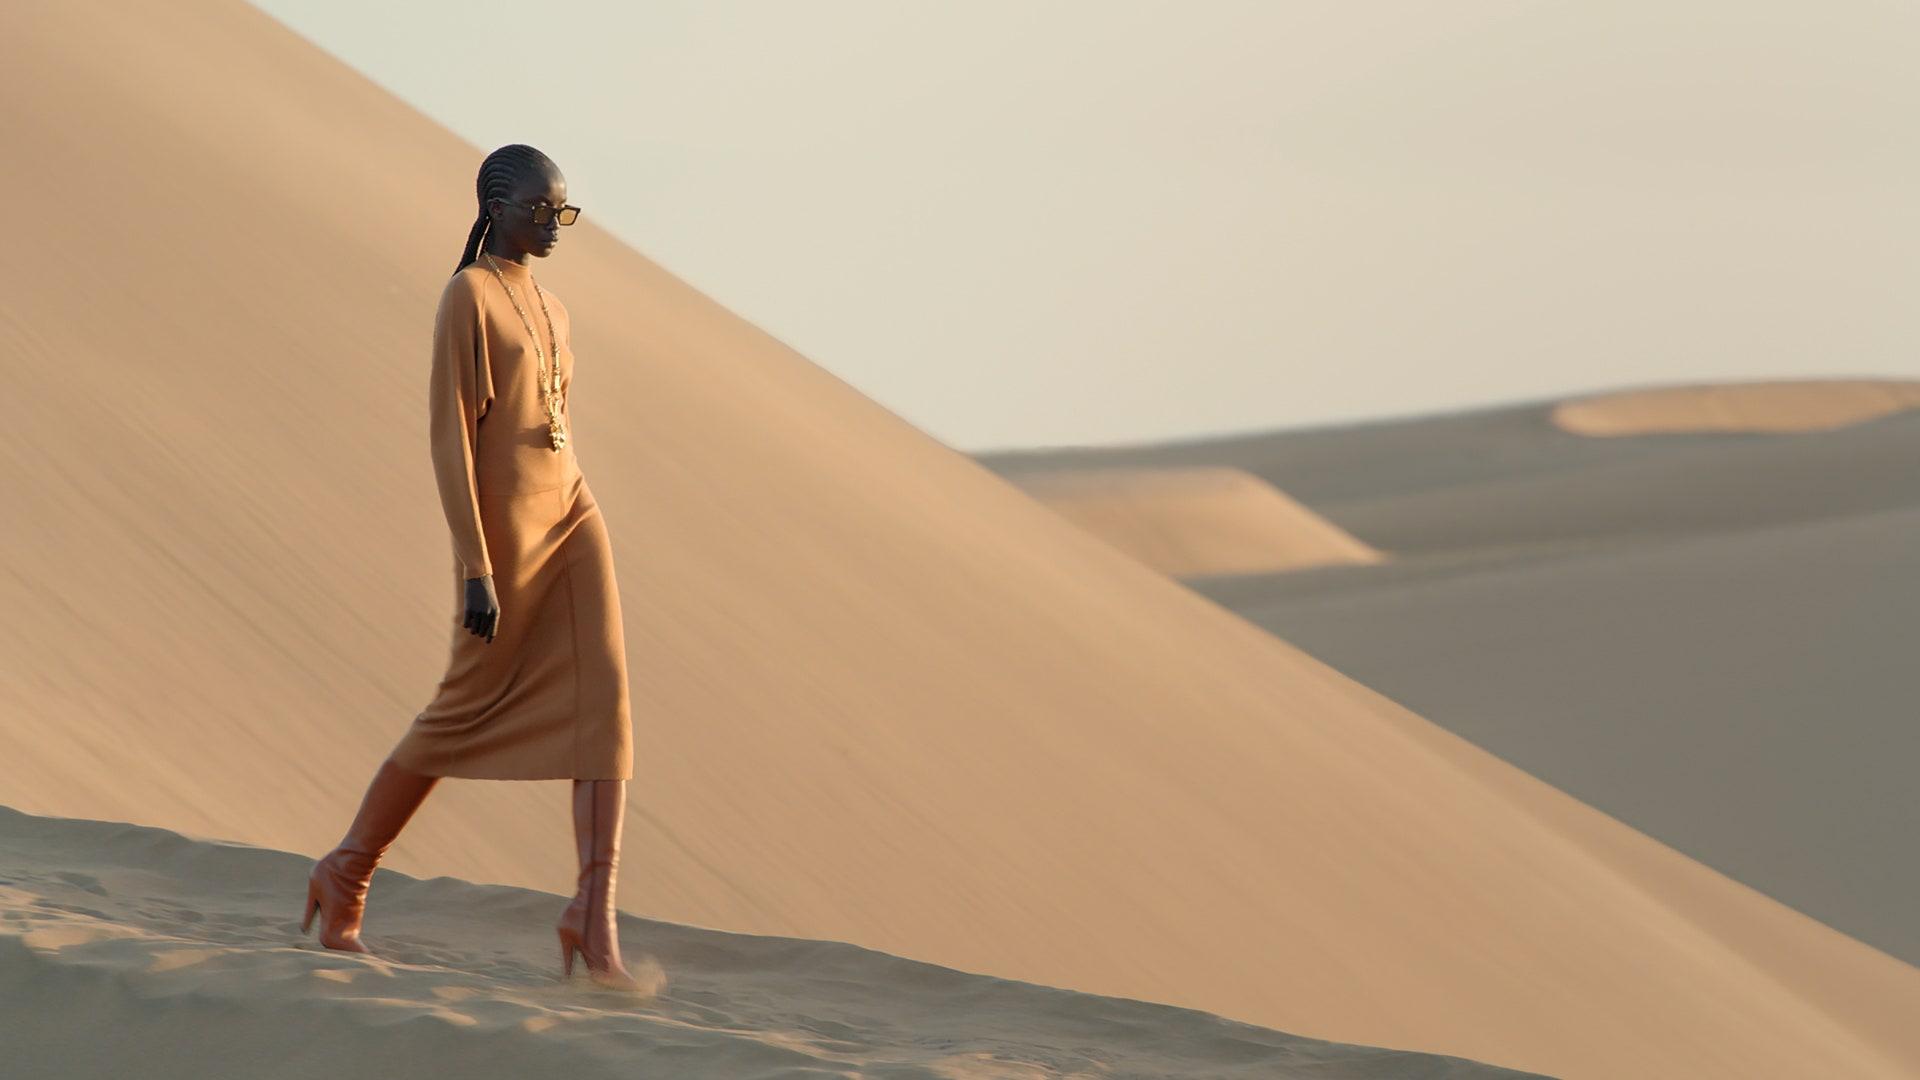 saint laurent sfilata deserto - Neomag.